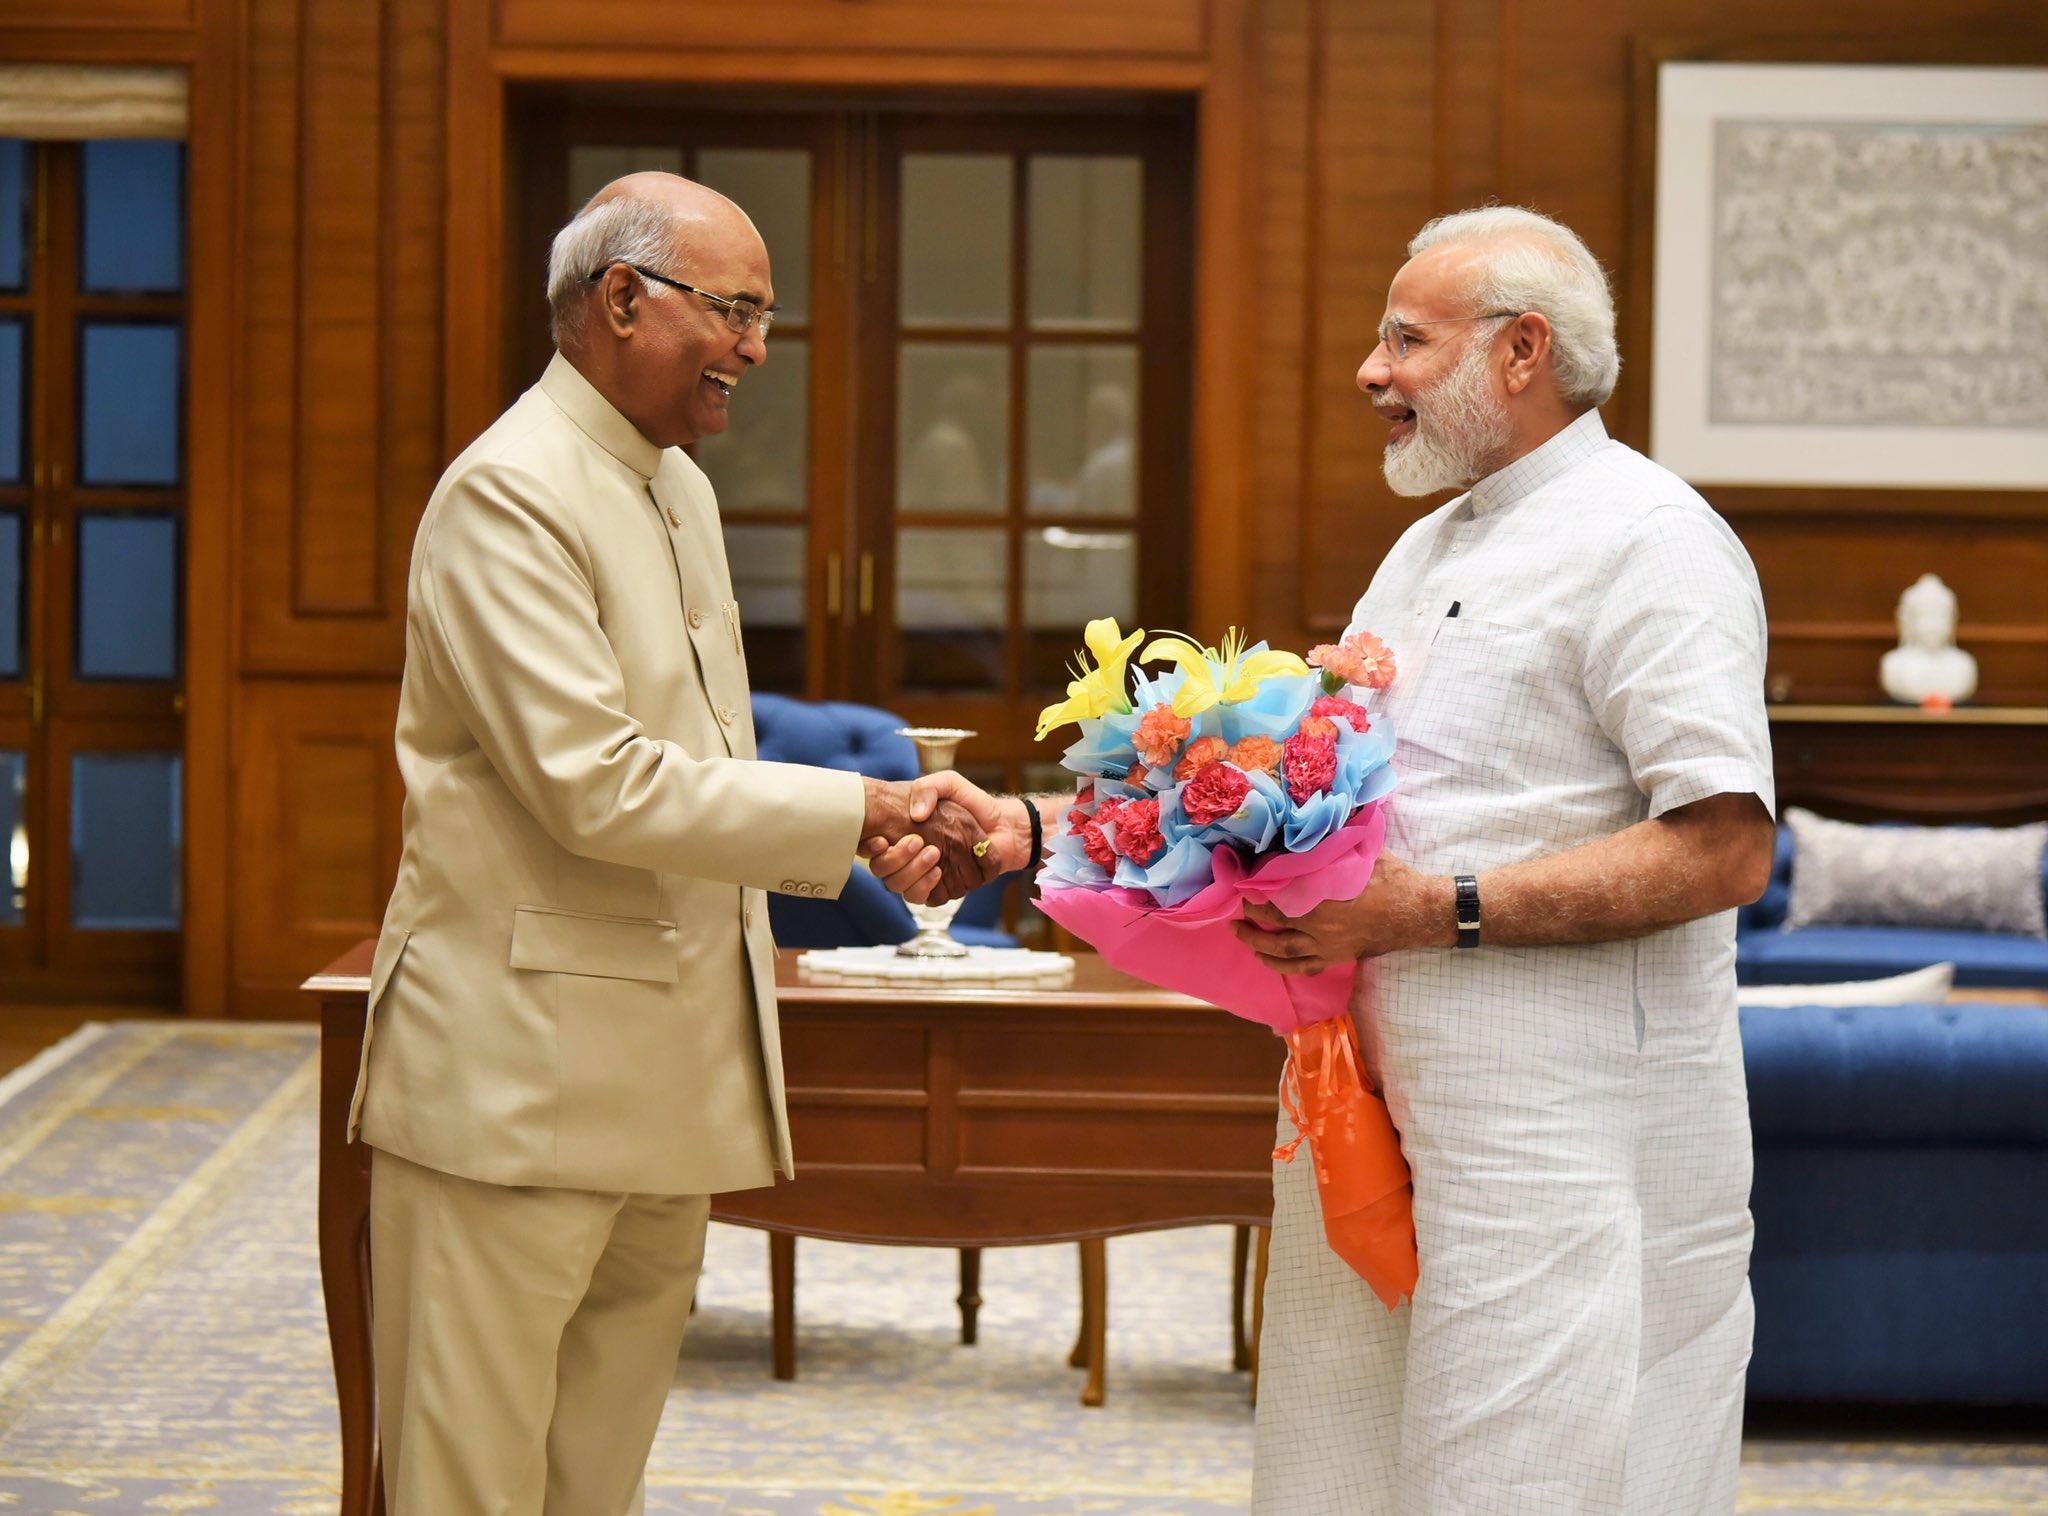 Met Shri Ram Nath Kovind. https://t.co/fM9fg5mAnA